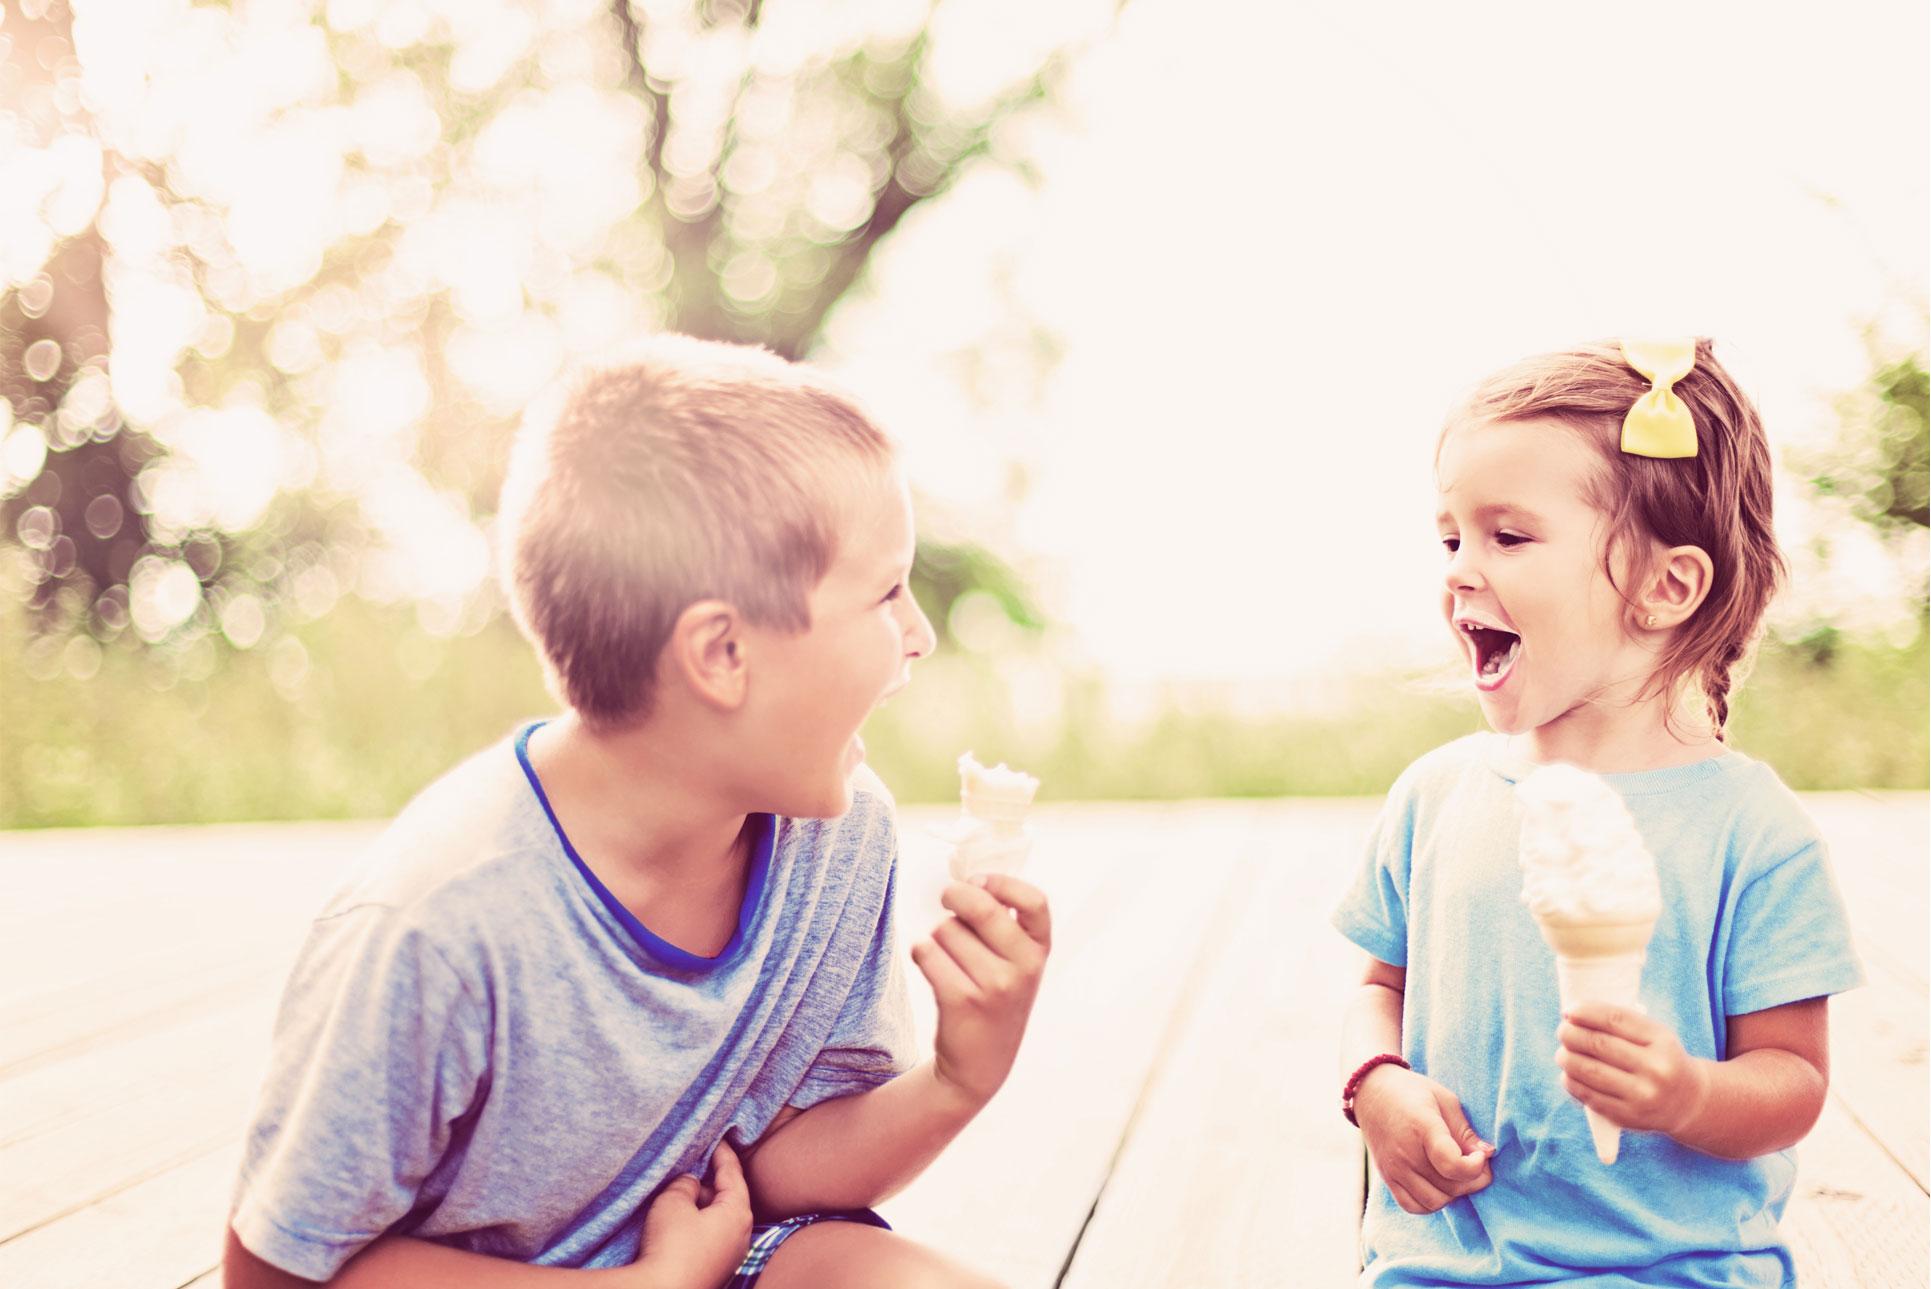 children-eating-ice-cream.jpg